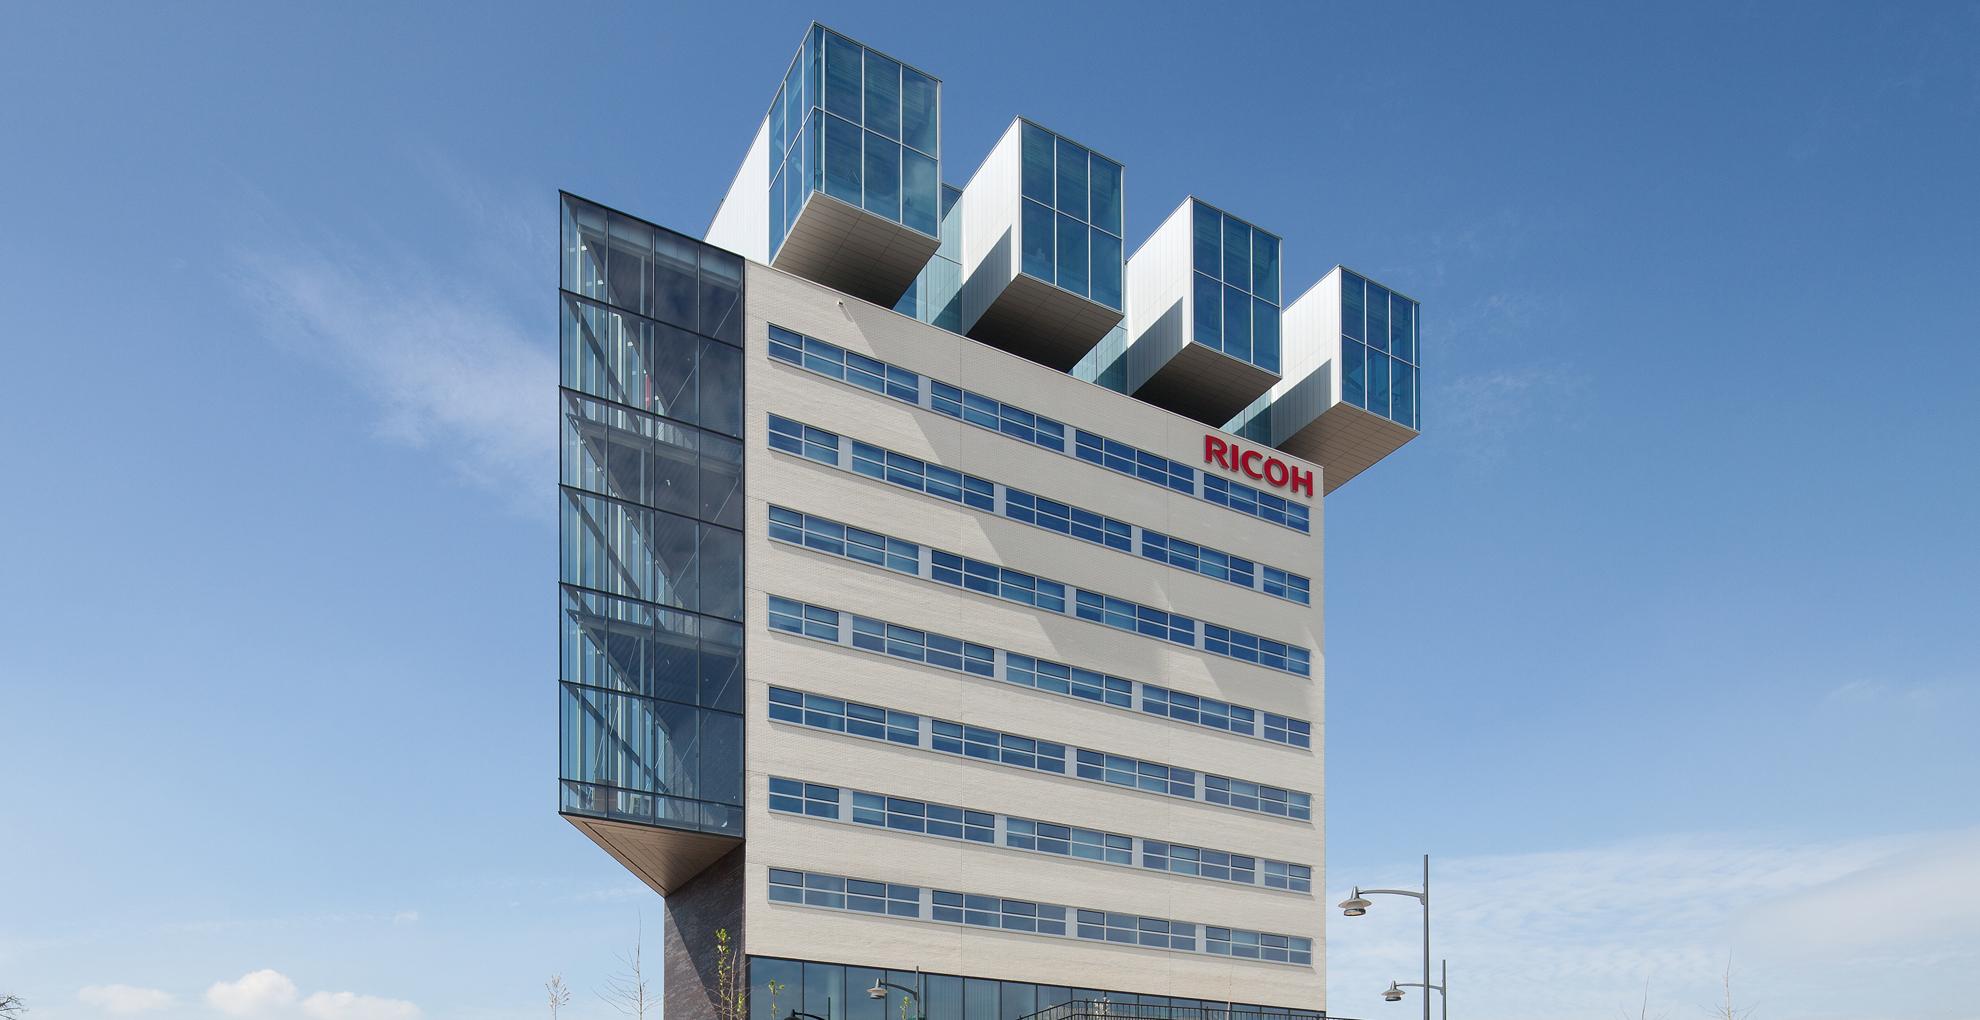 Ricoh, Den Bosch – BoS2